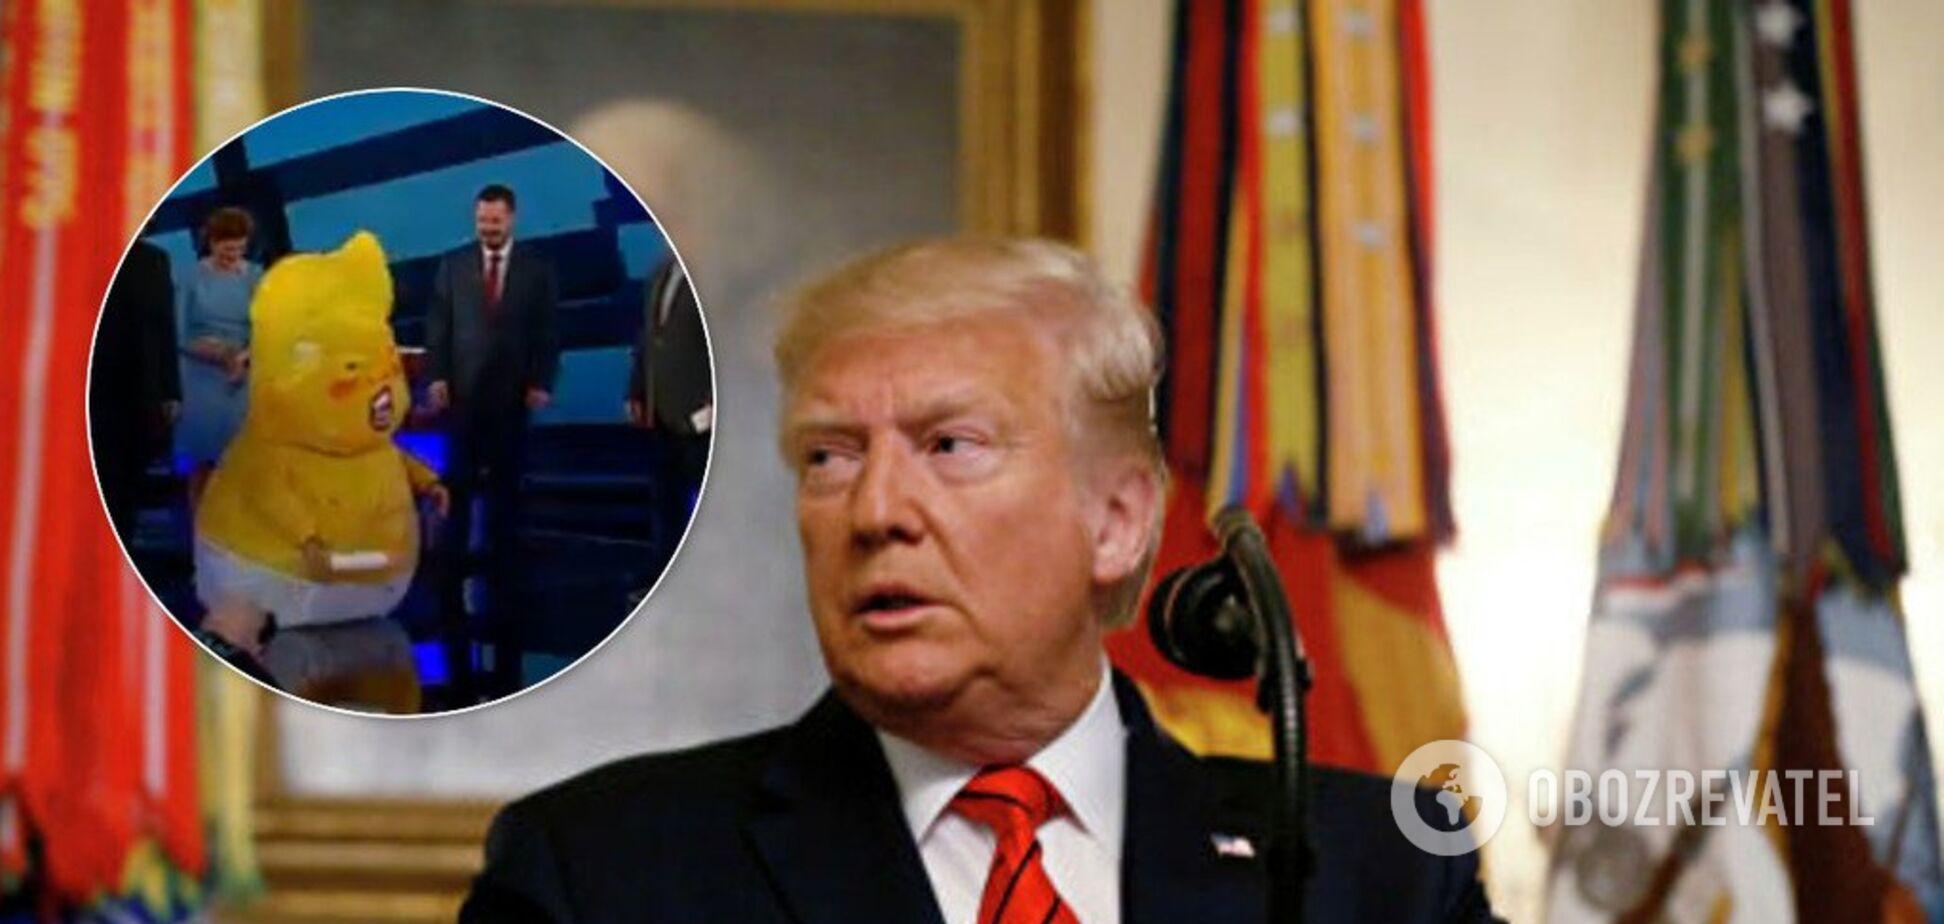 Известный ведущий побывал в шкуре Трампа. Видео